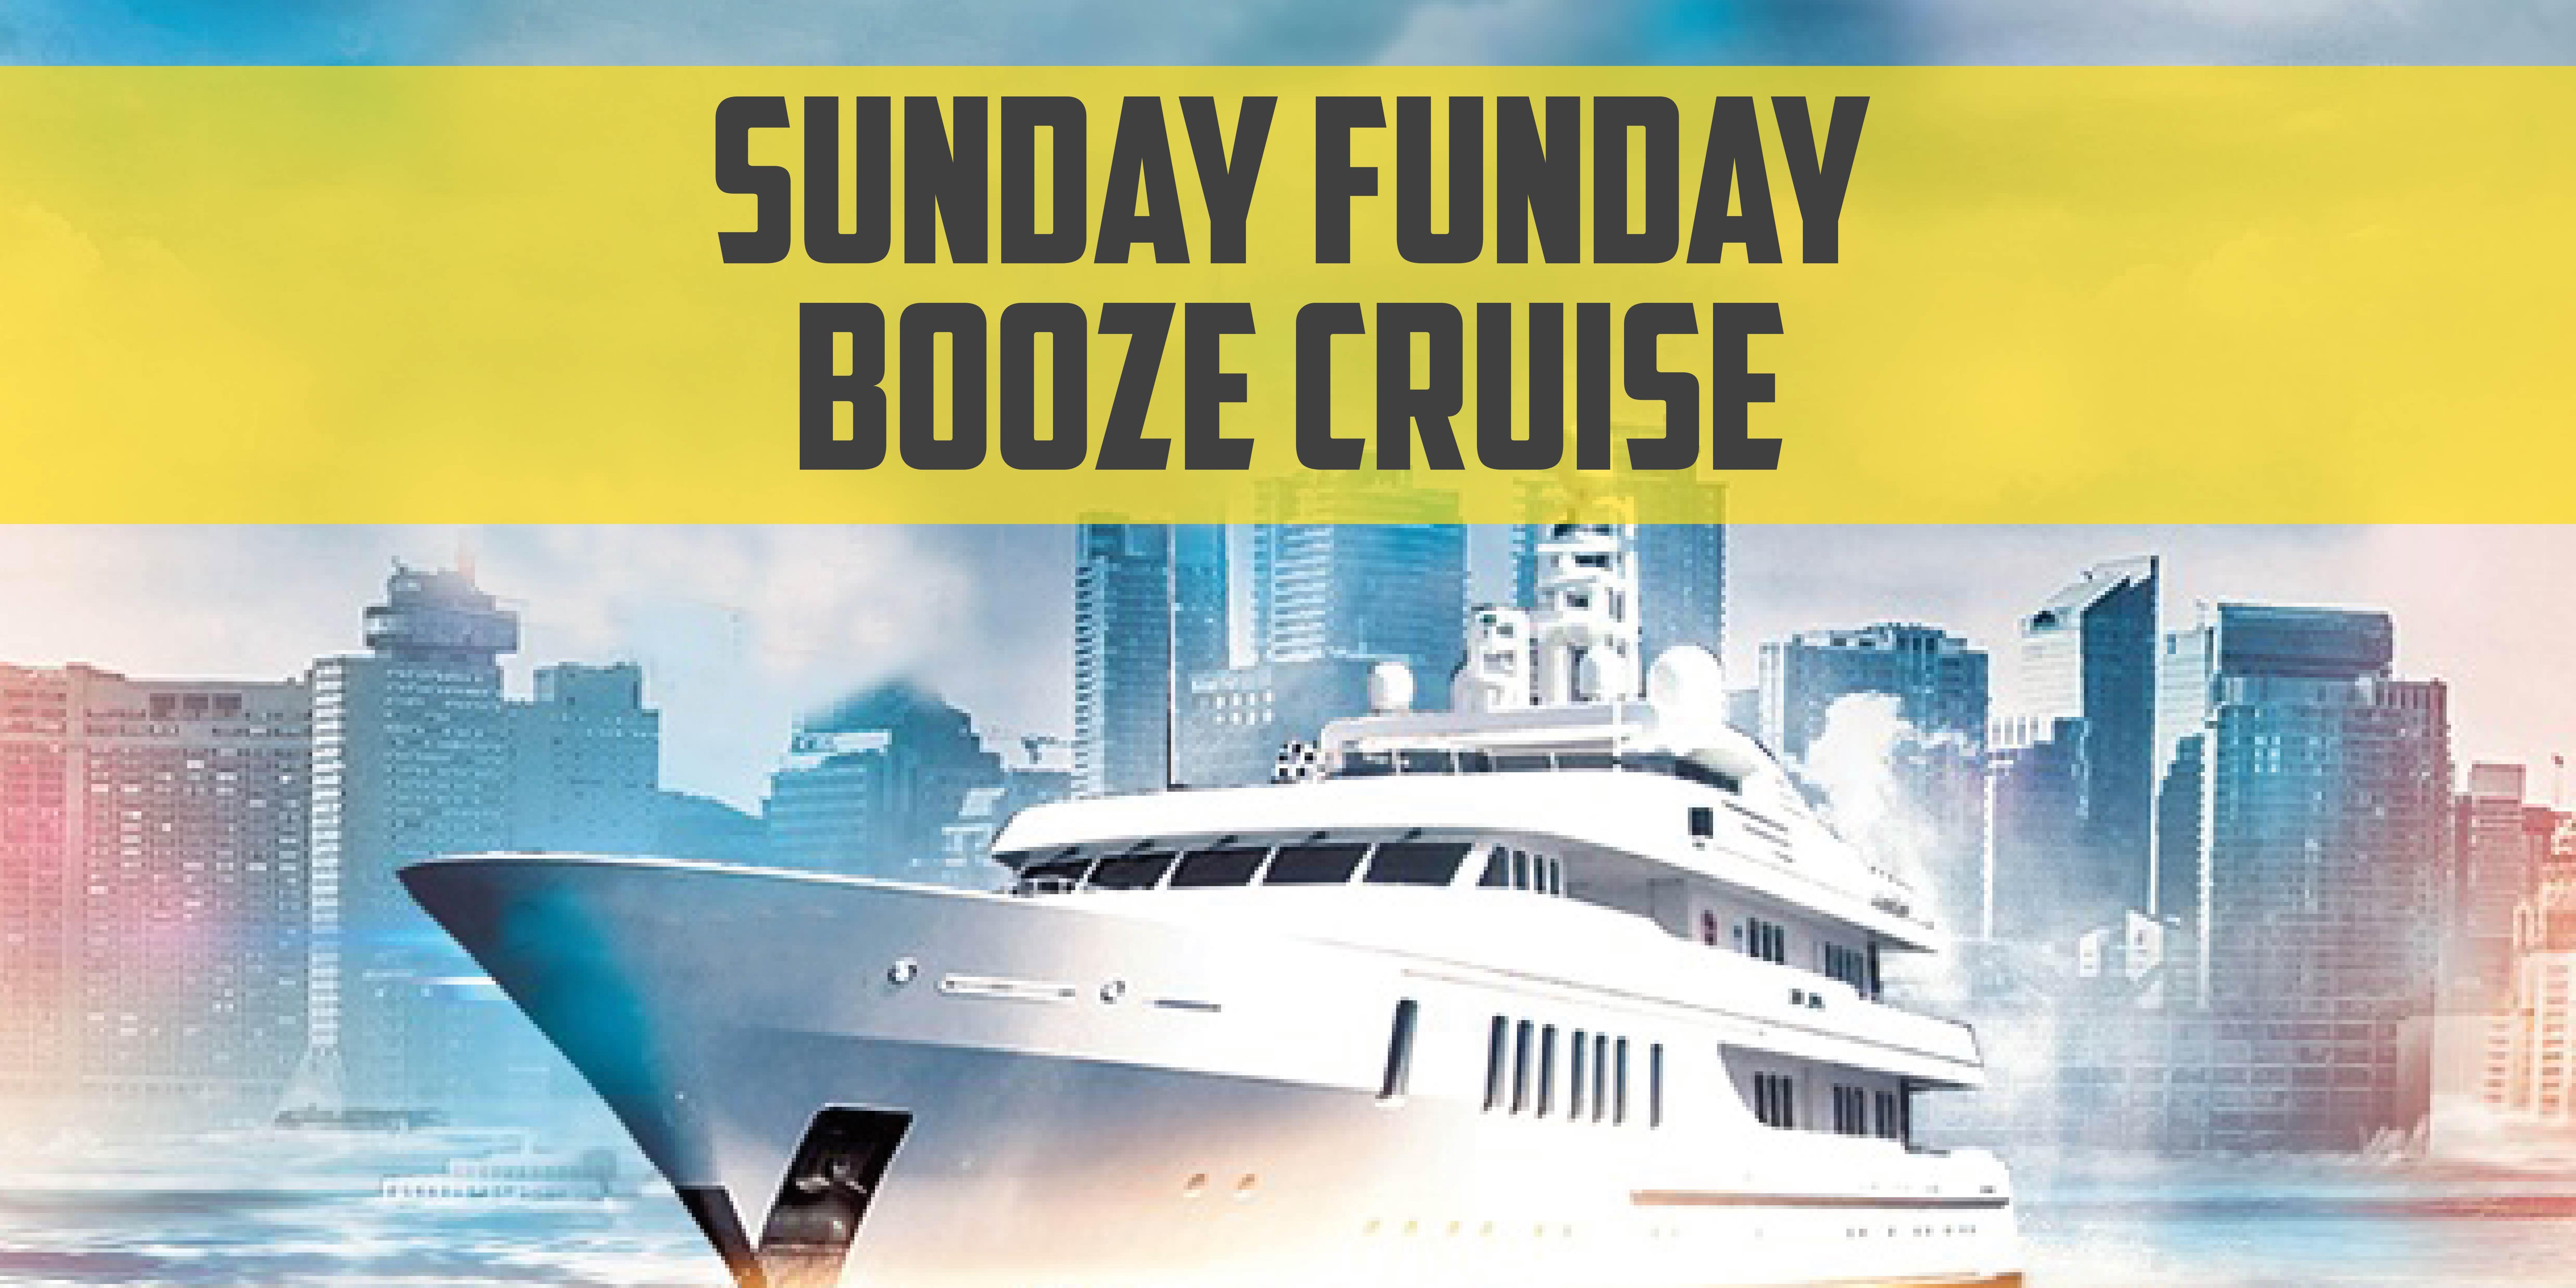 Sunday Funday Booze Cruise on June 10th!